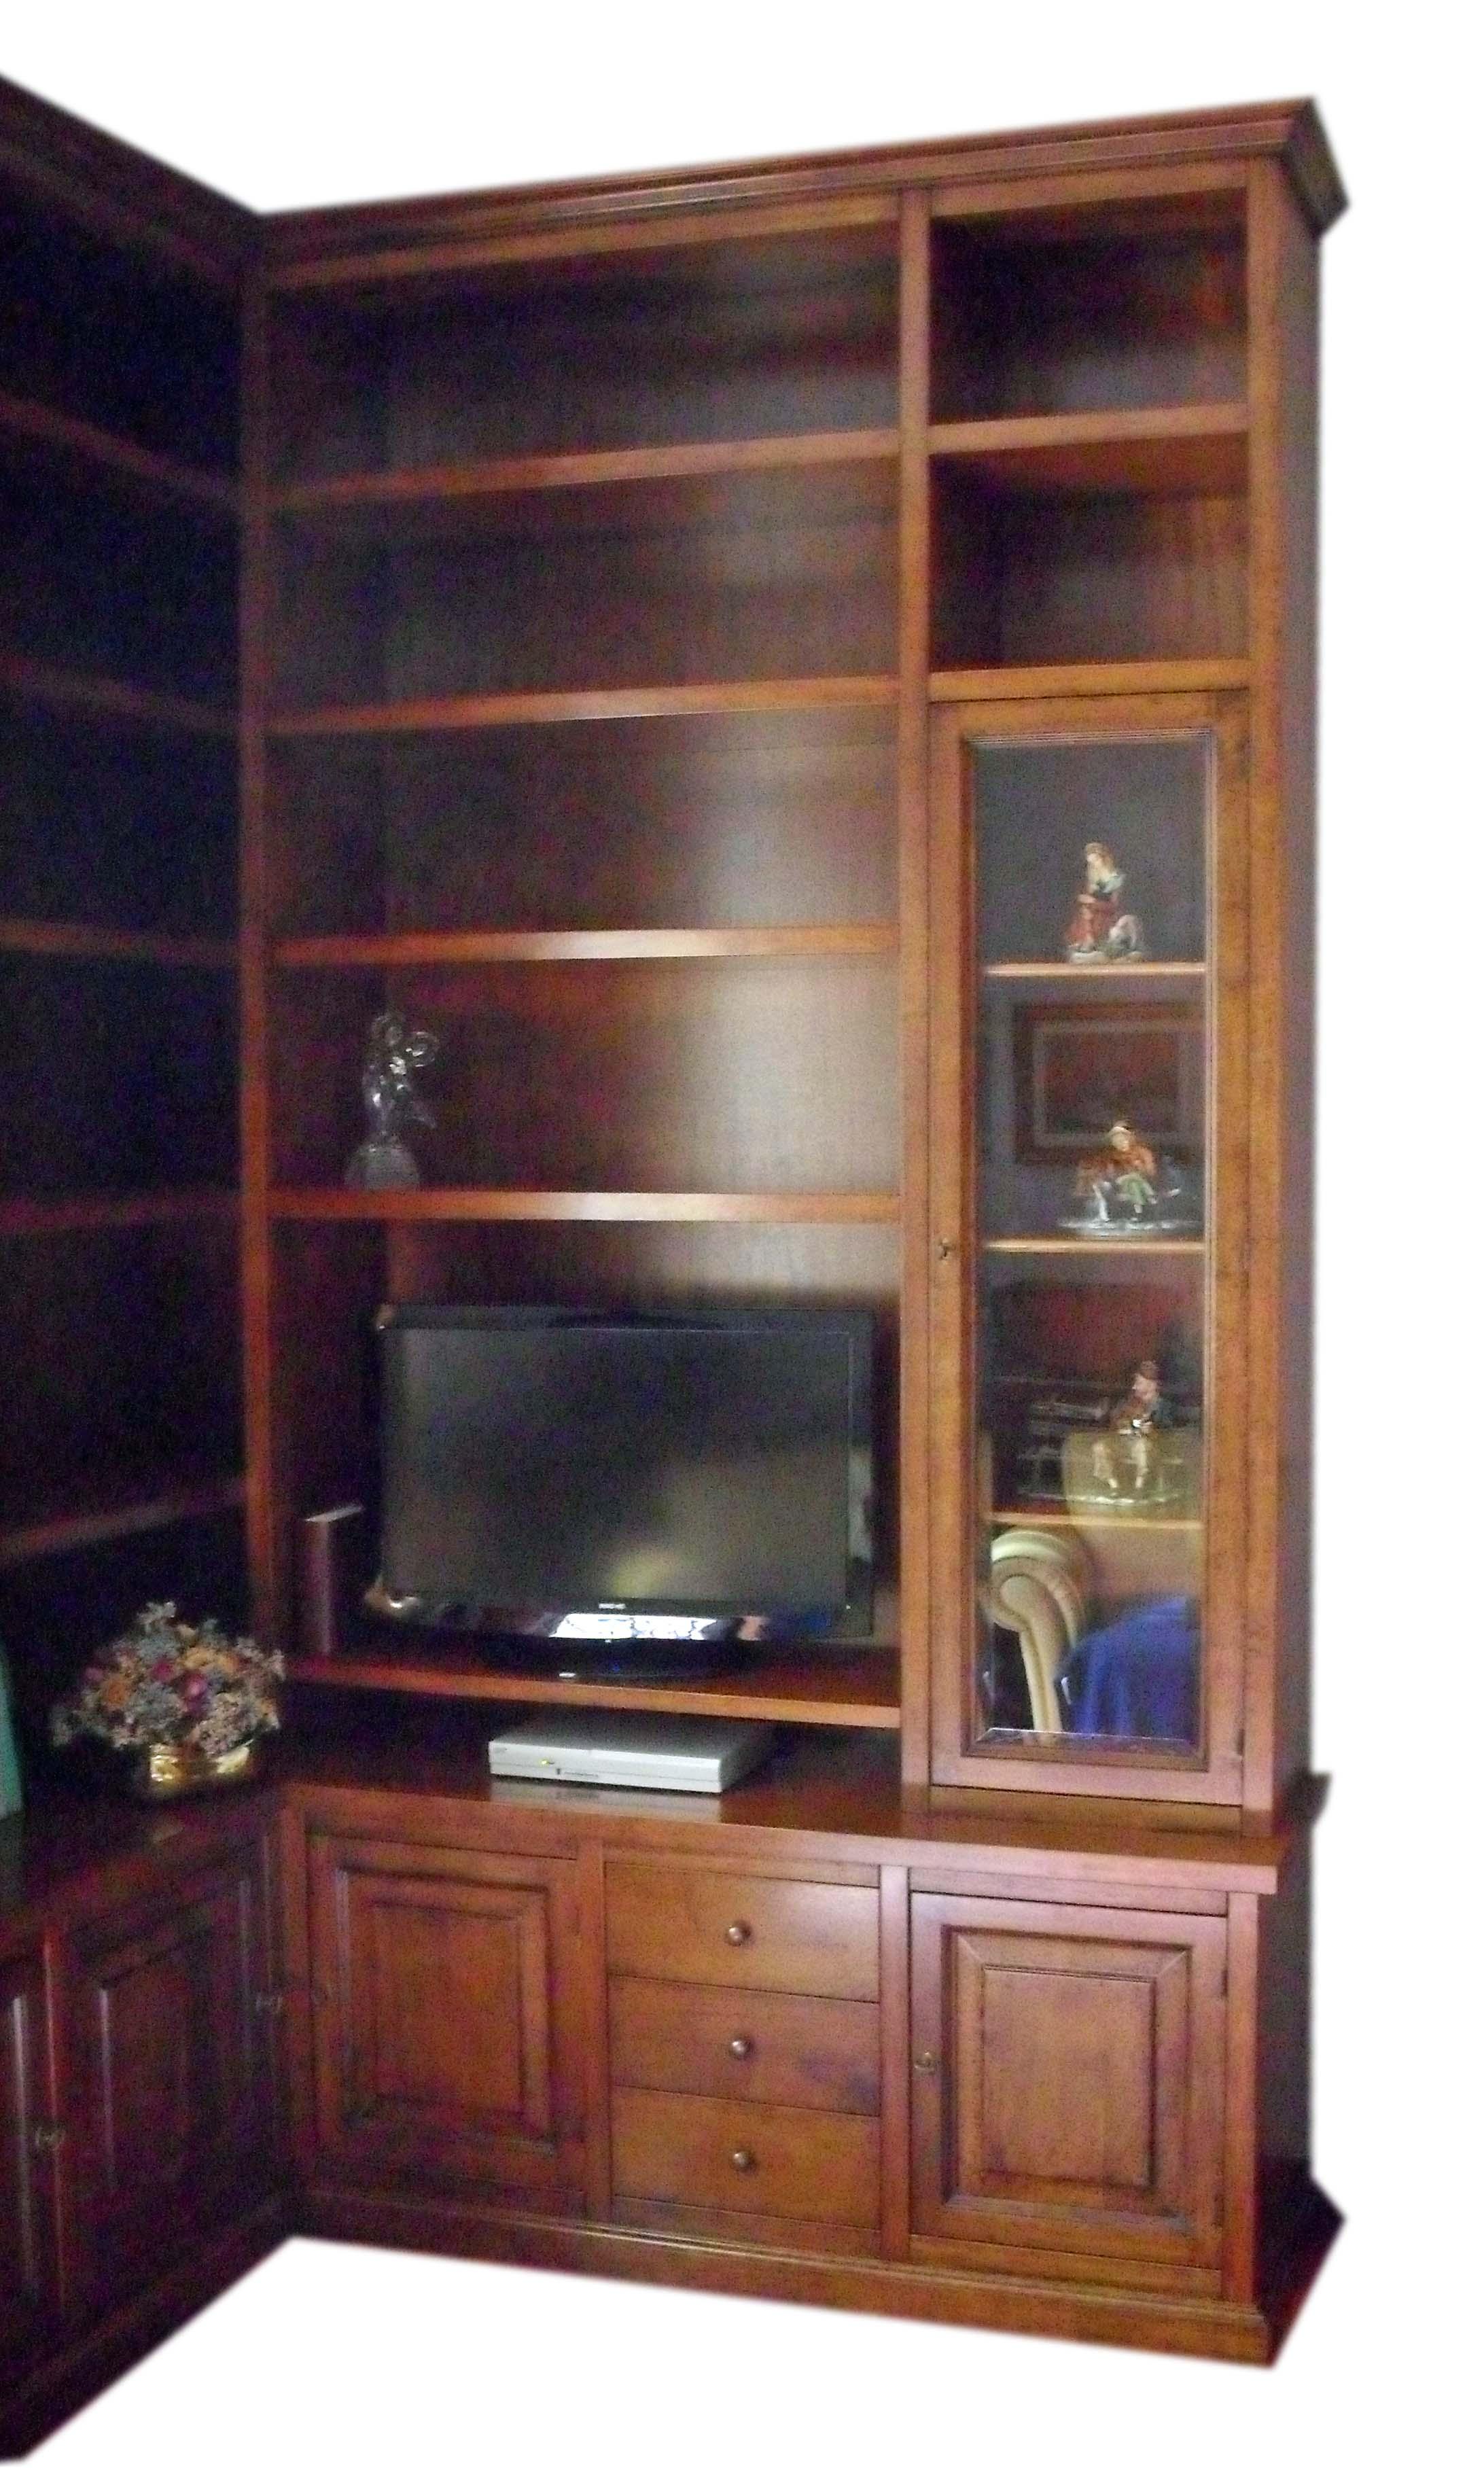 Mobile libreria porta tv angolo la commode di davide corno - Mobili tv angolo ...